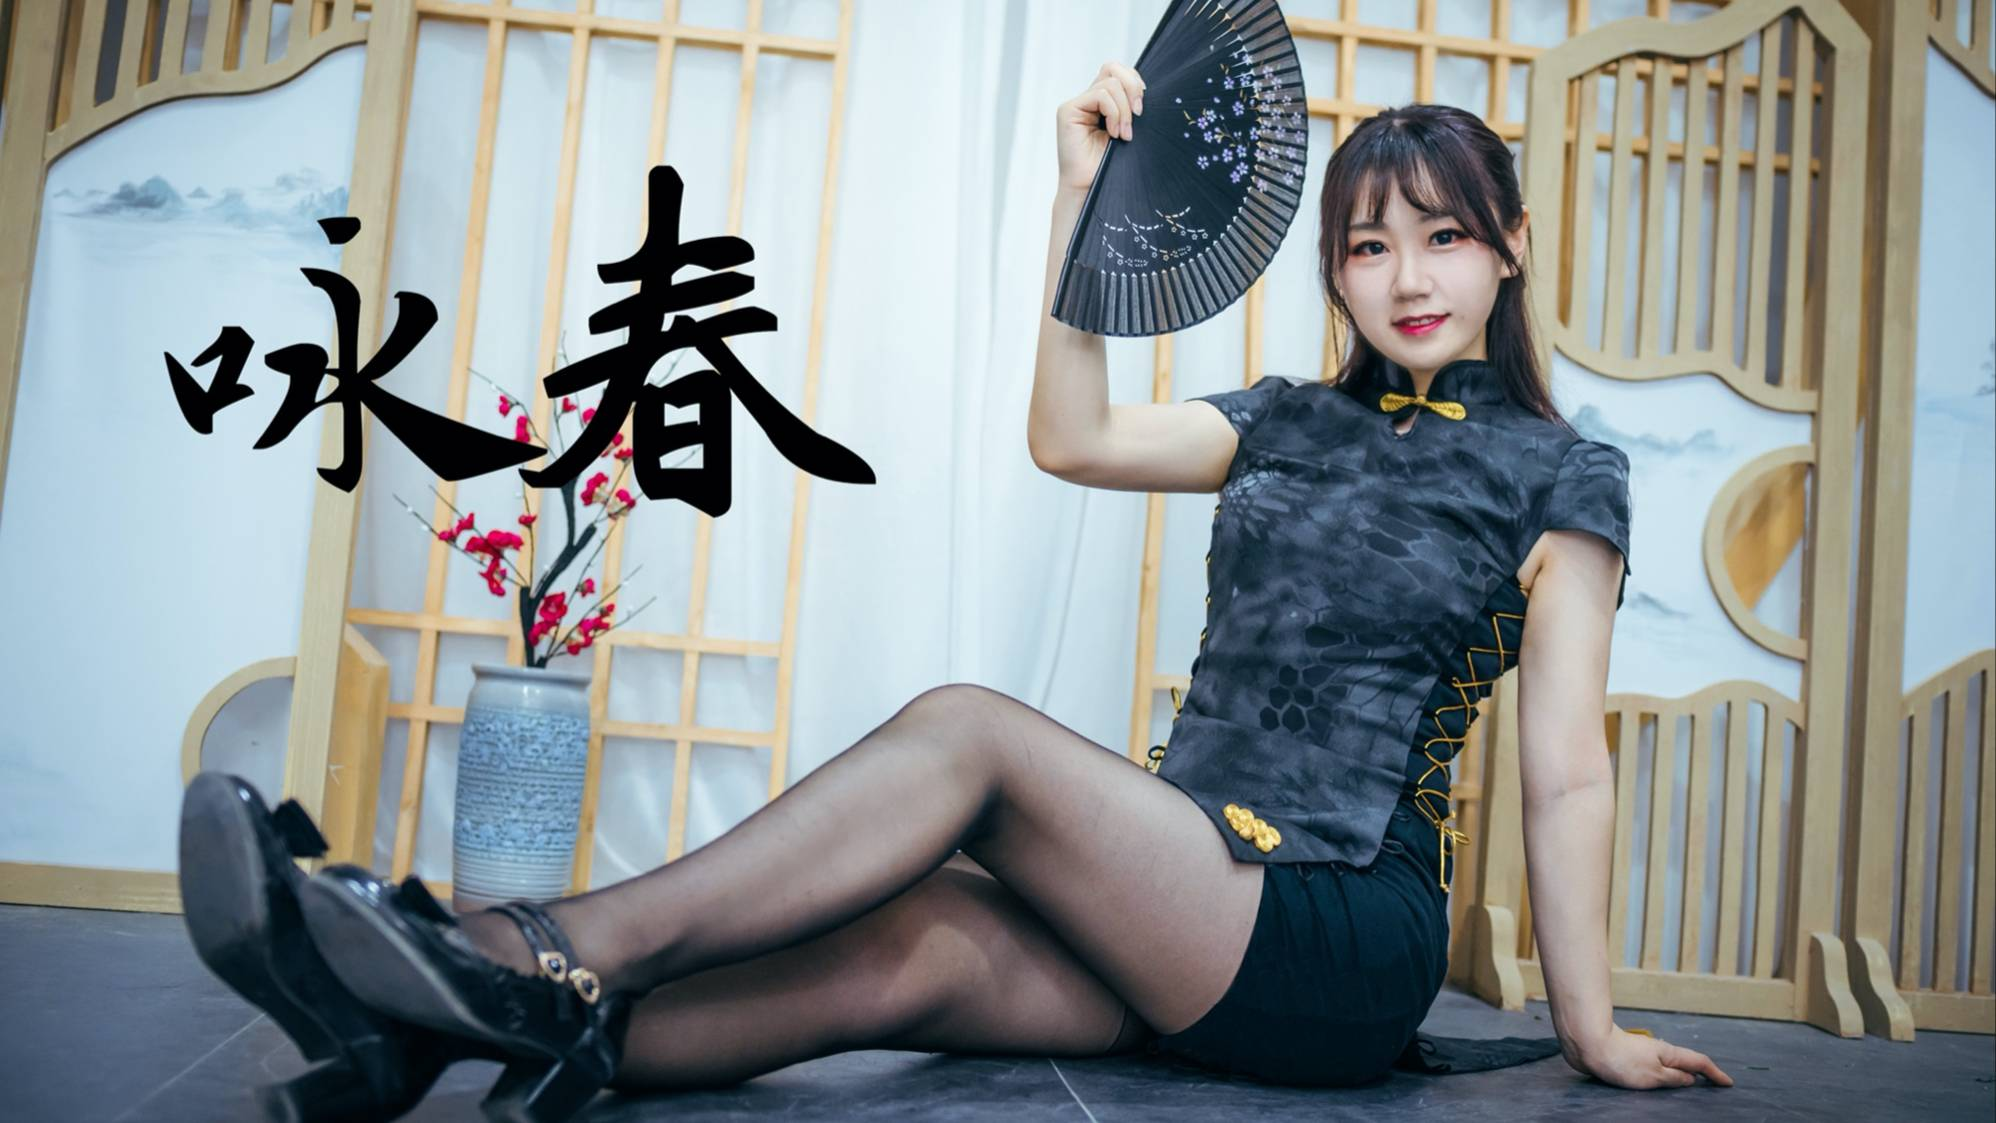 【蘑菇】咏春·贺岁版黑丝旗袍歌咏春天